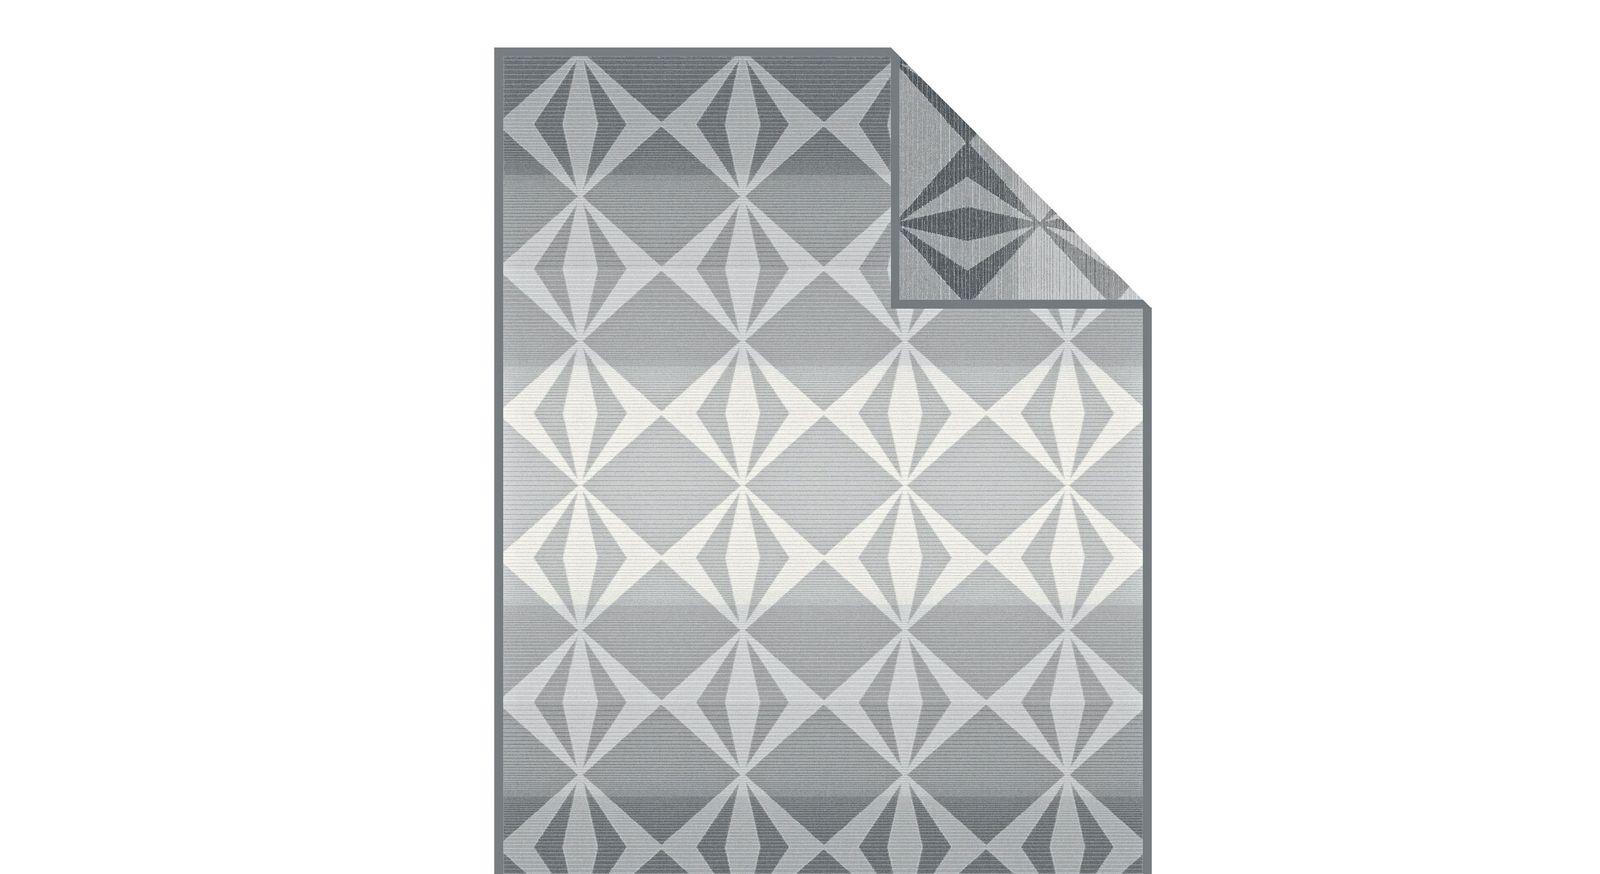 Moderne Kuscheldecke Diamond mit grauem Muster